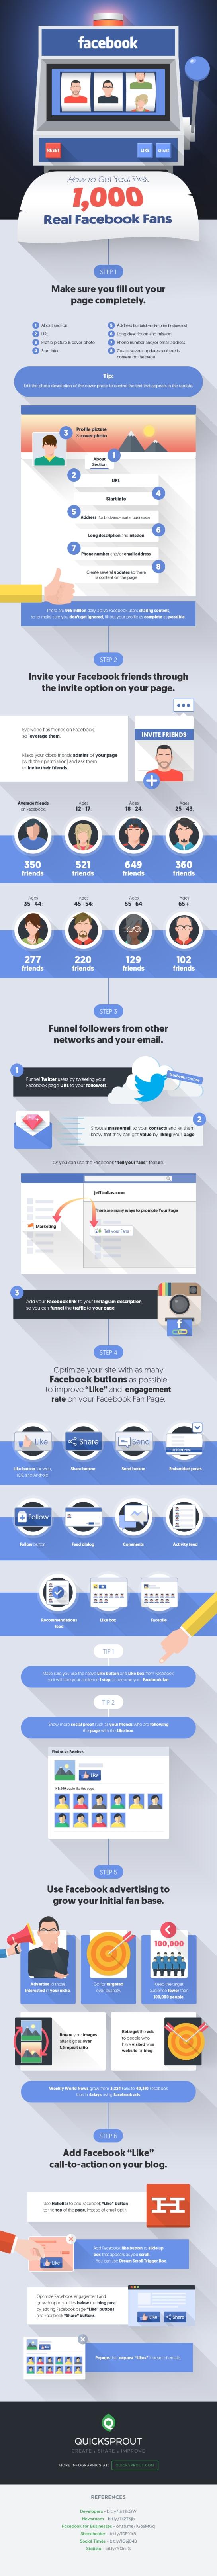 Obtenir ses 1000 premiers vrais fans Facebook - AUTOVEILLE